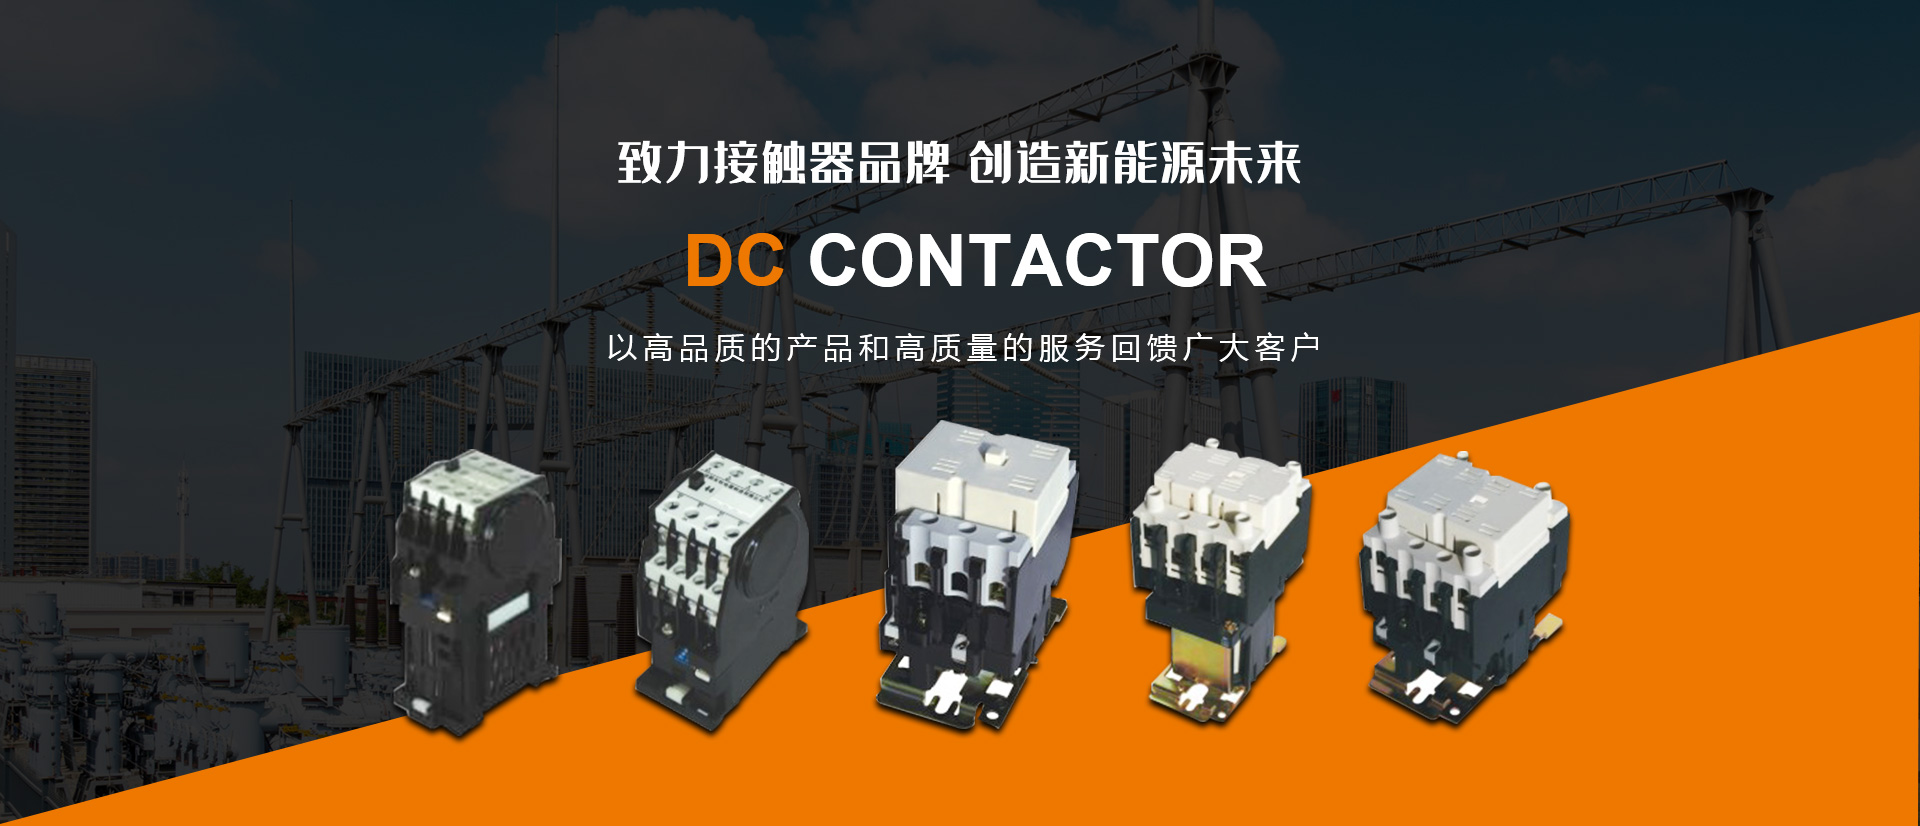 f11辅助开关型号,直流接触器厂家